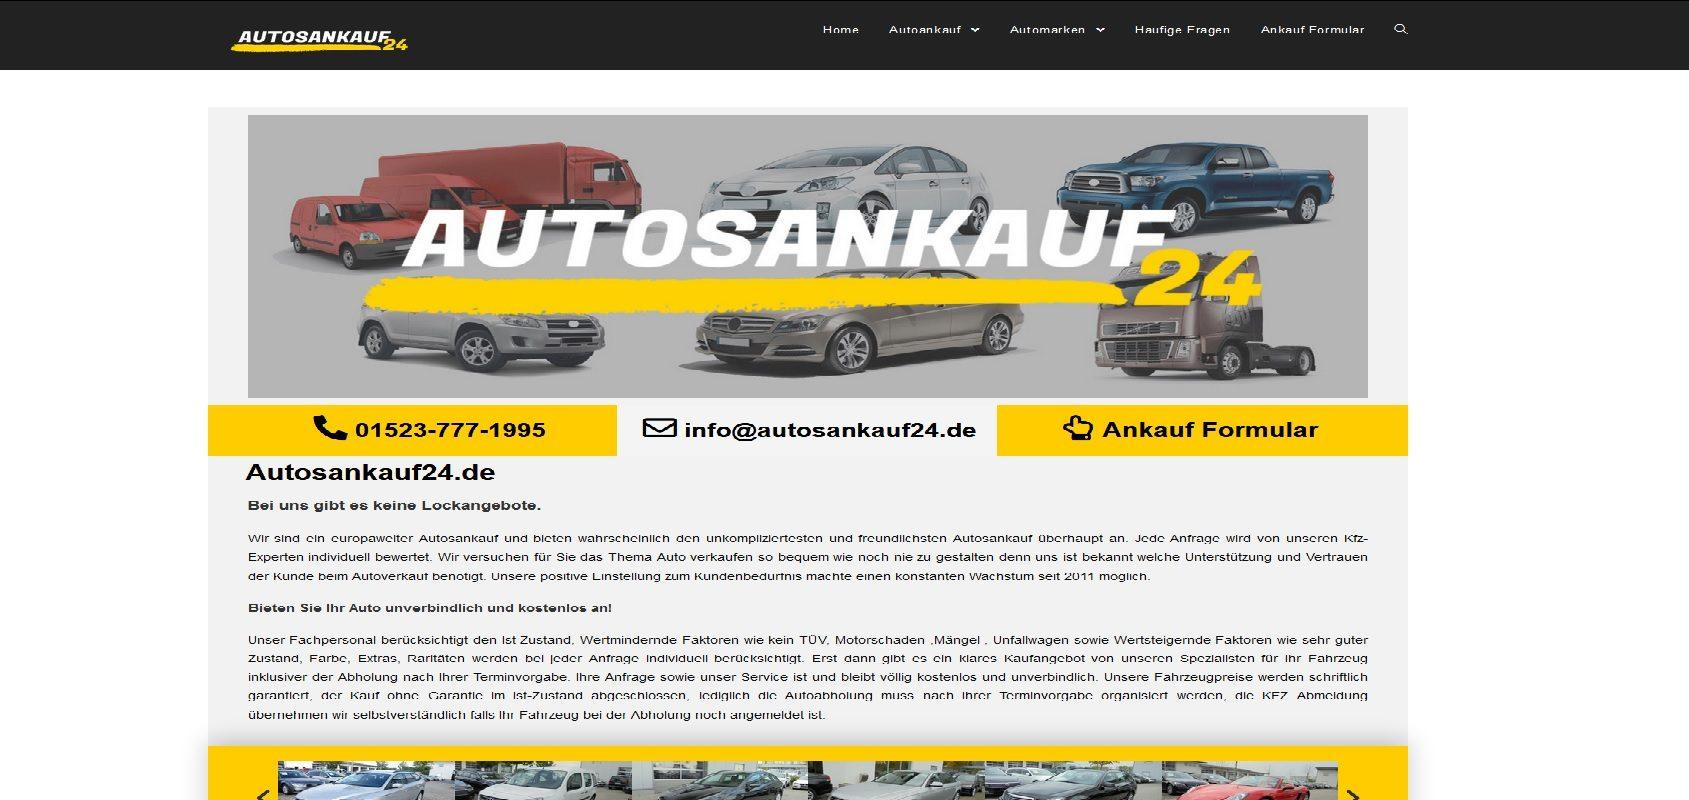 autoankauf kiel kommt auch vort ihr fahrzeug zu begutachten - Autoankauf Kiel kommt auch Vort Ihr Fahrzeug zu begutachten